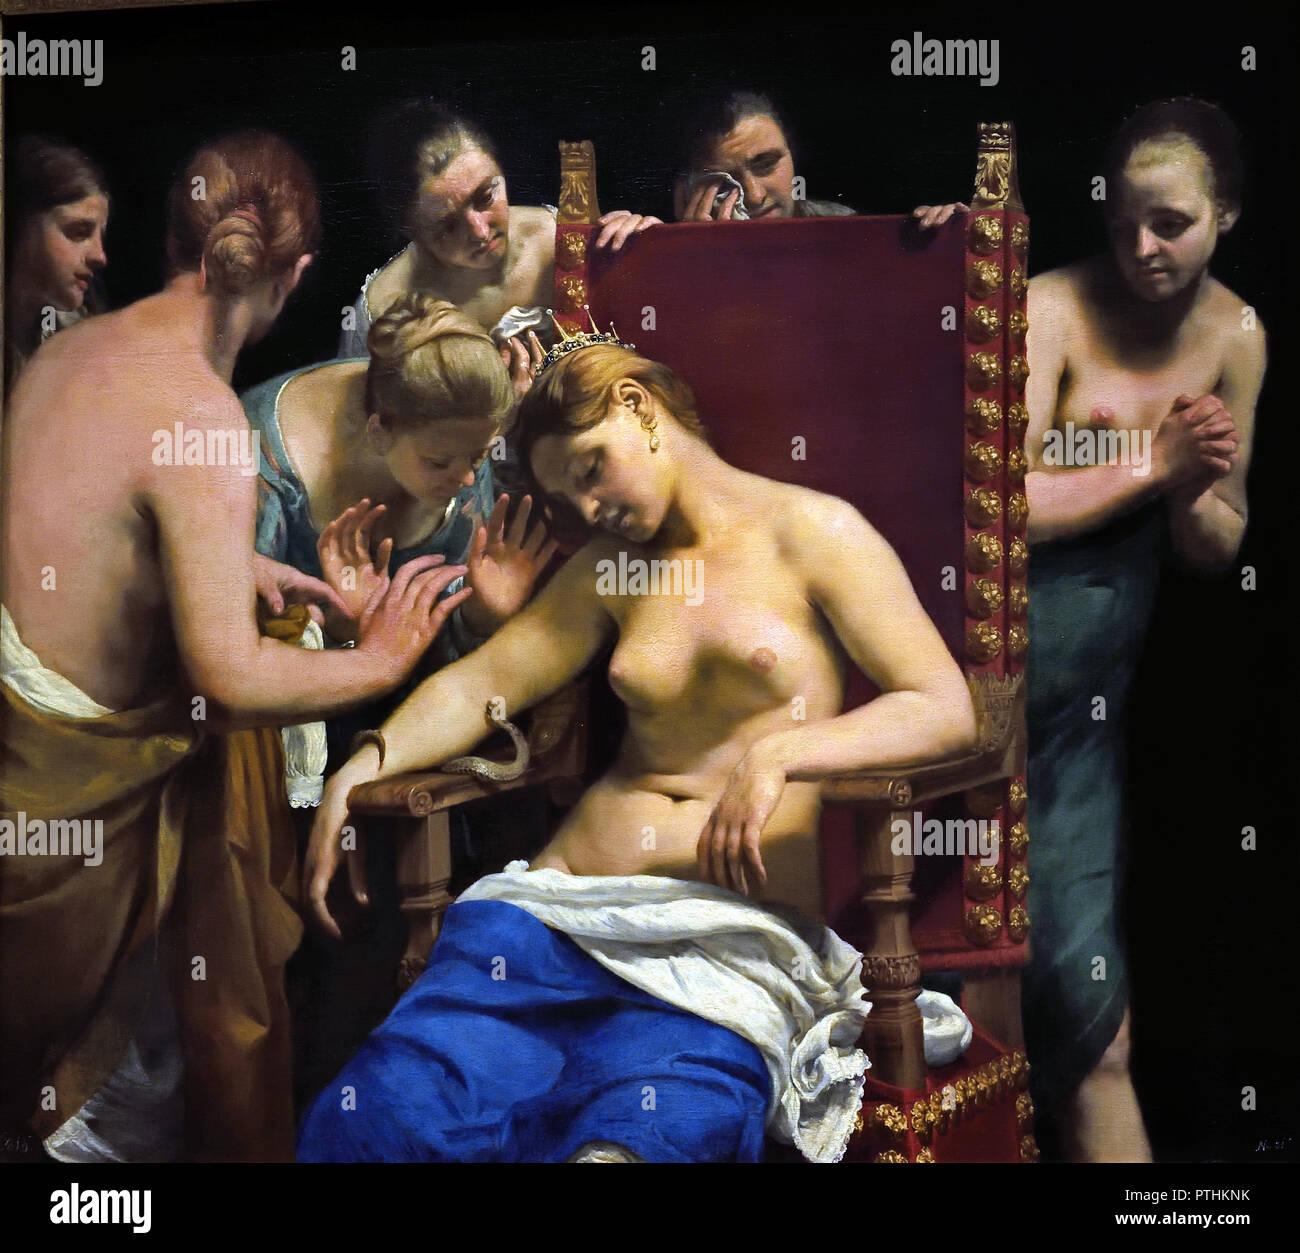 La morte di Cleopatra VII, righello di Egitto tolemaico, avvenuta nel 30 A.C. ad Alessandria, quando aveva 39 anni. Cleopatra si è suicidato consentendo un asp (egiziano cobra) a mordere il suo. Guido Cagnacci 1601-1663 Italia, italiano. ( Regina del Regno tolemaico ) ( Cleopatra VII Philopator 69 - 30 A.C. faraone Egitto ) Immagini Stock